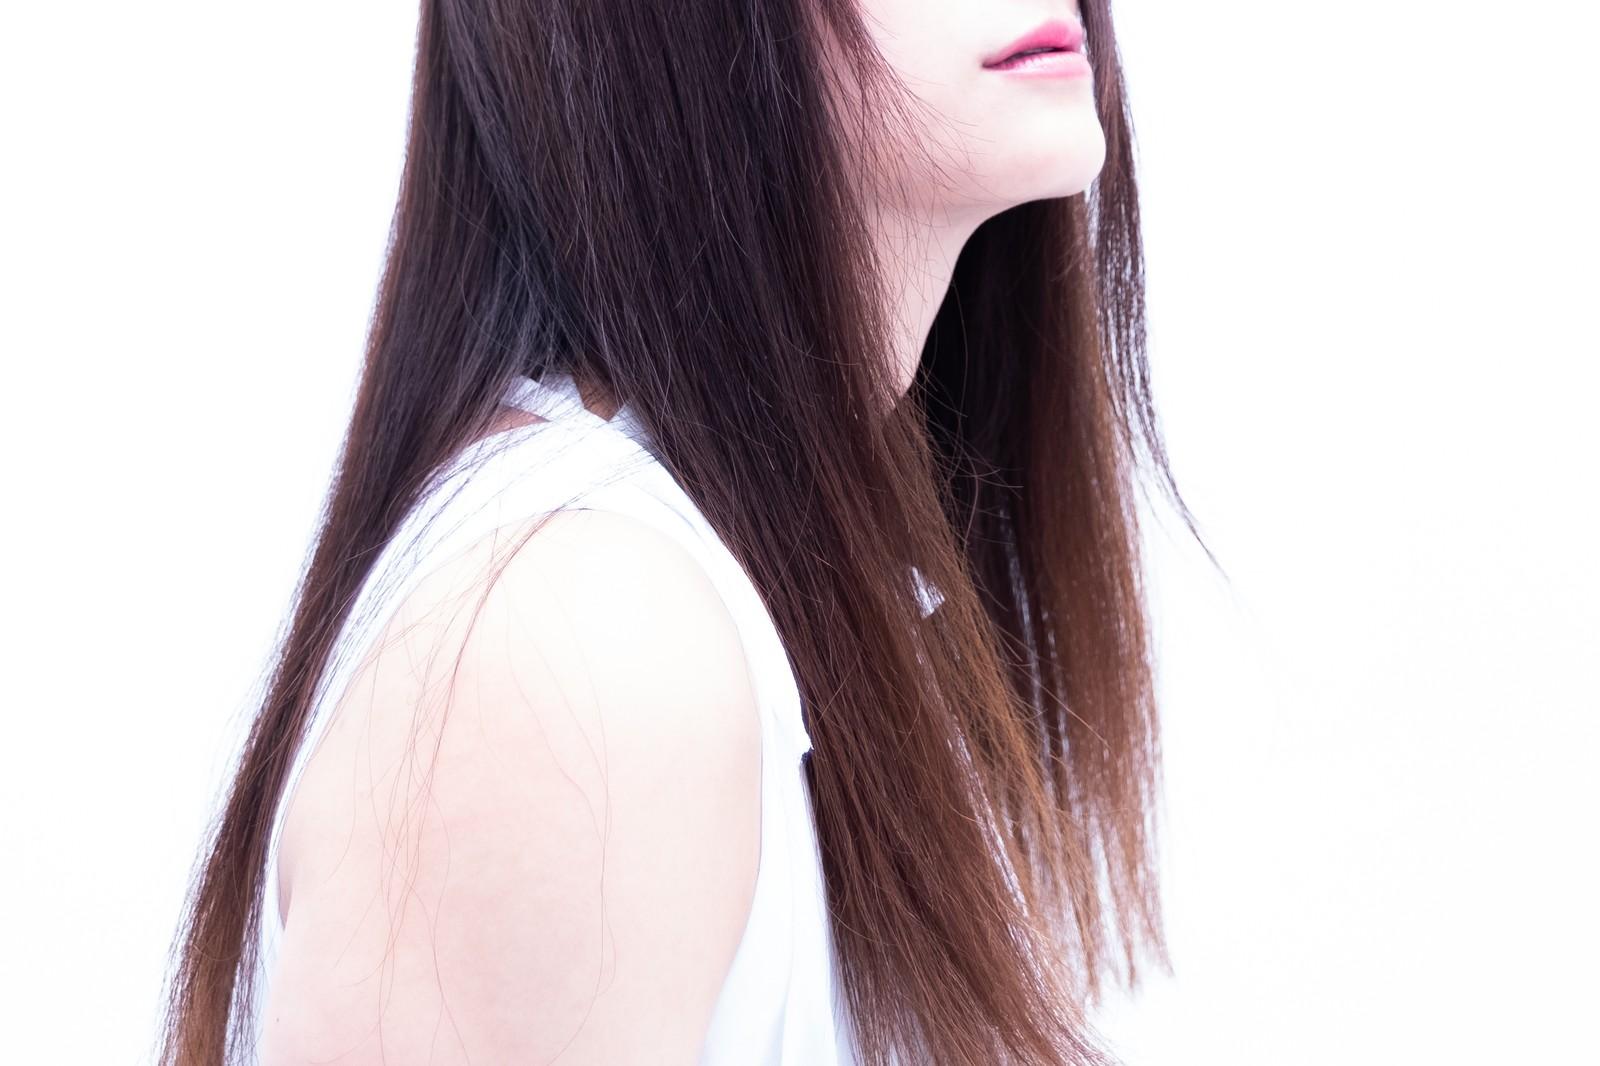 市販の女性用育毛剤比較ランキング 薄毛に悩んだら効果を重視!